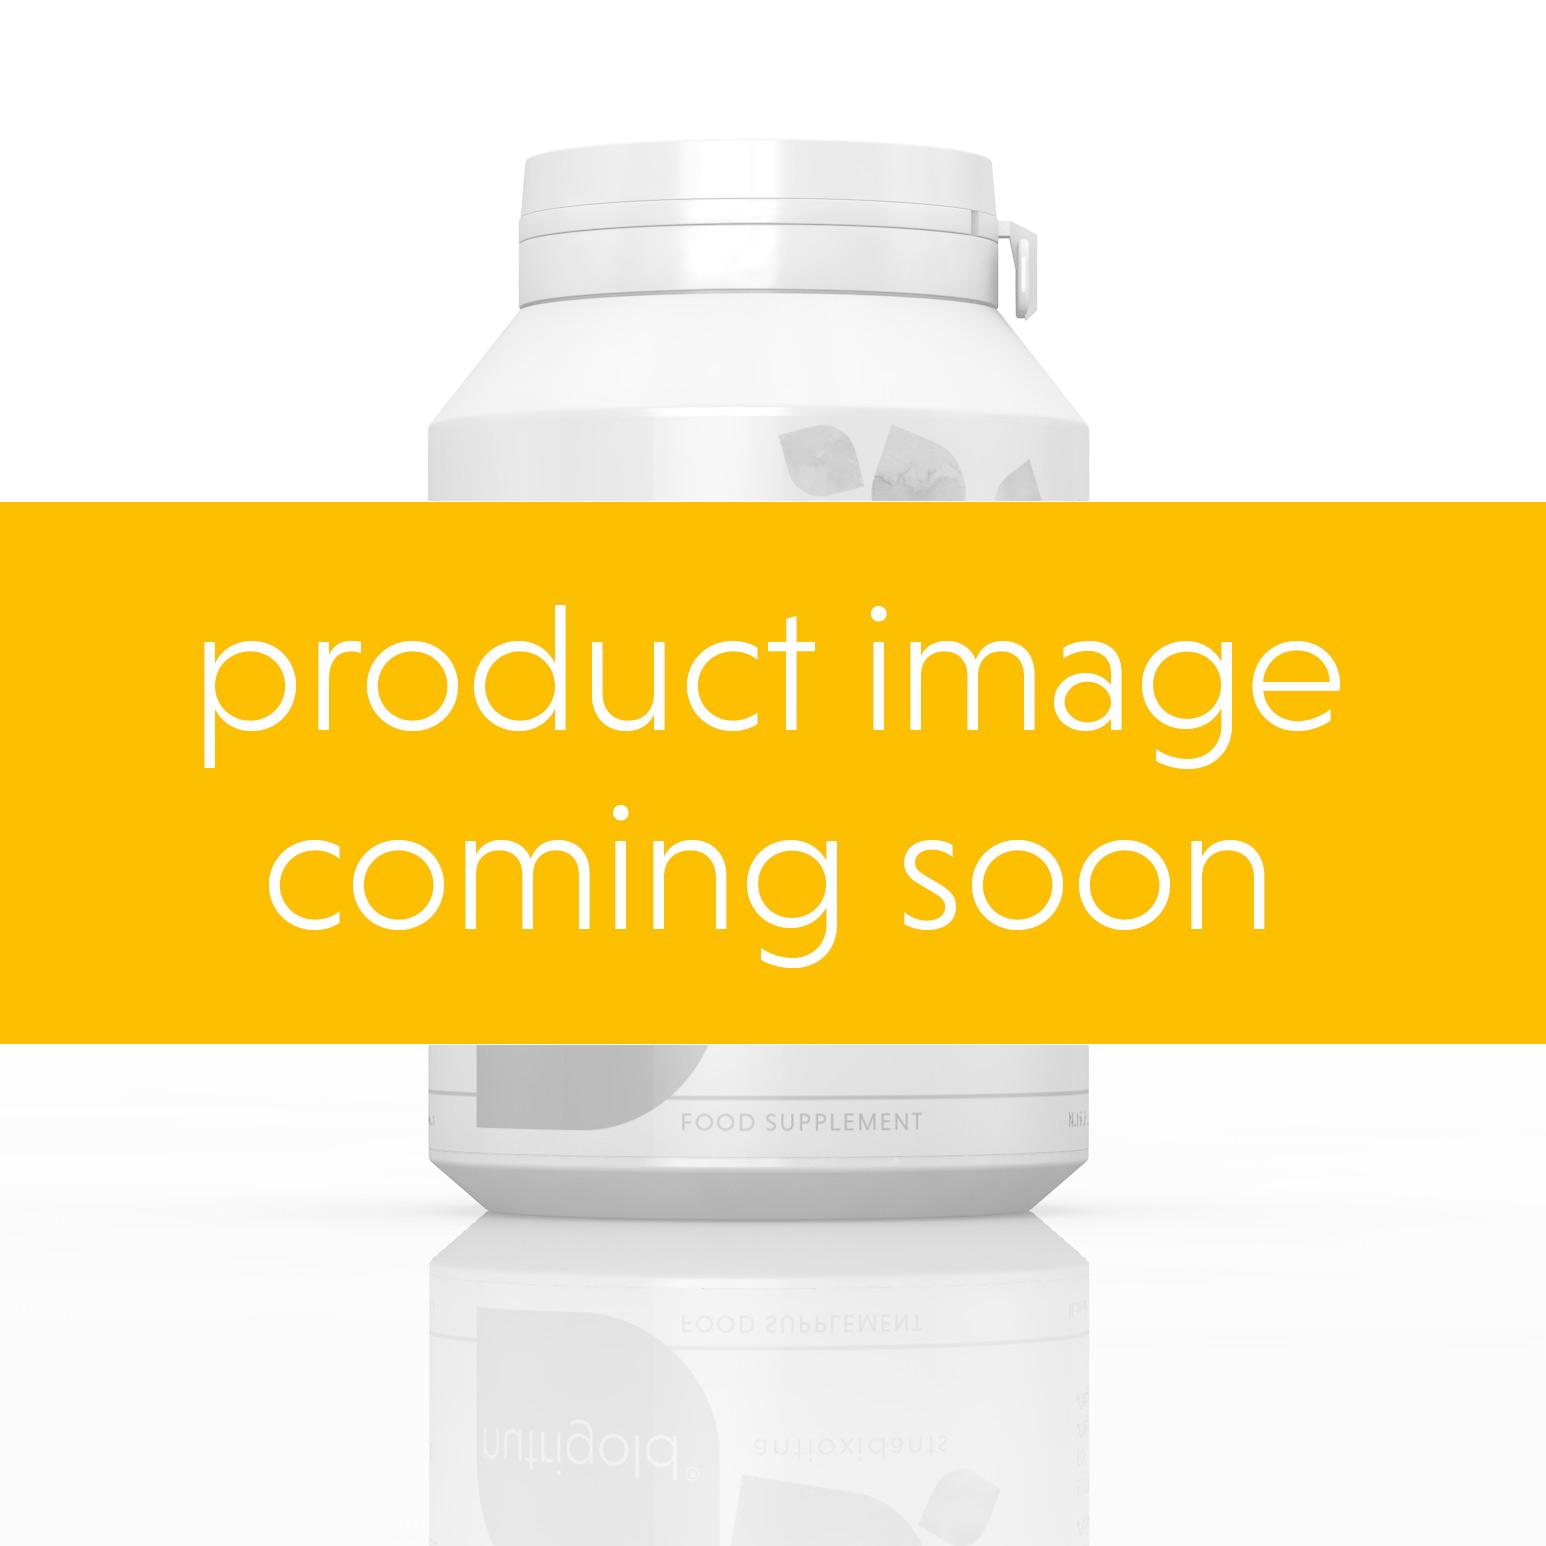 Glucosamine HCI 750mg x 90 Capsules